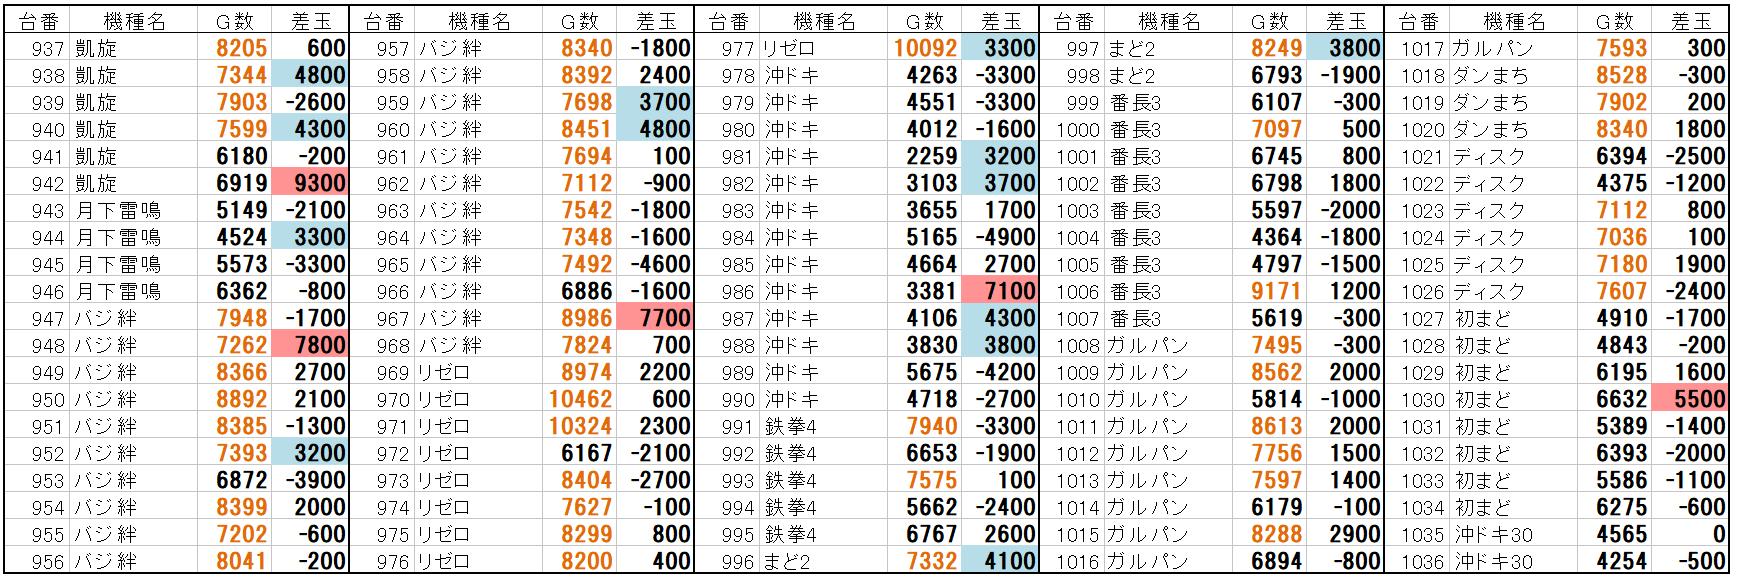 データ 布施 123 台